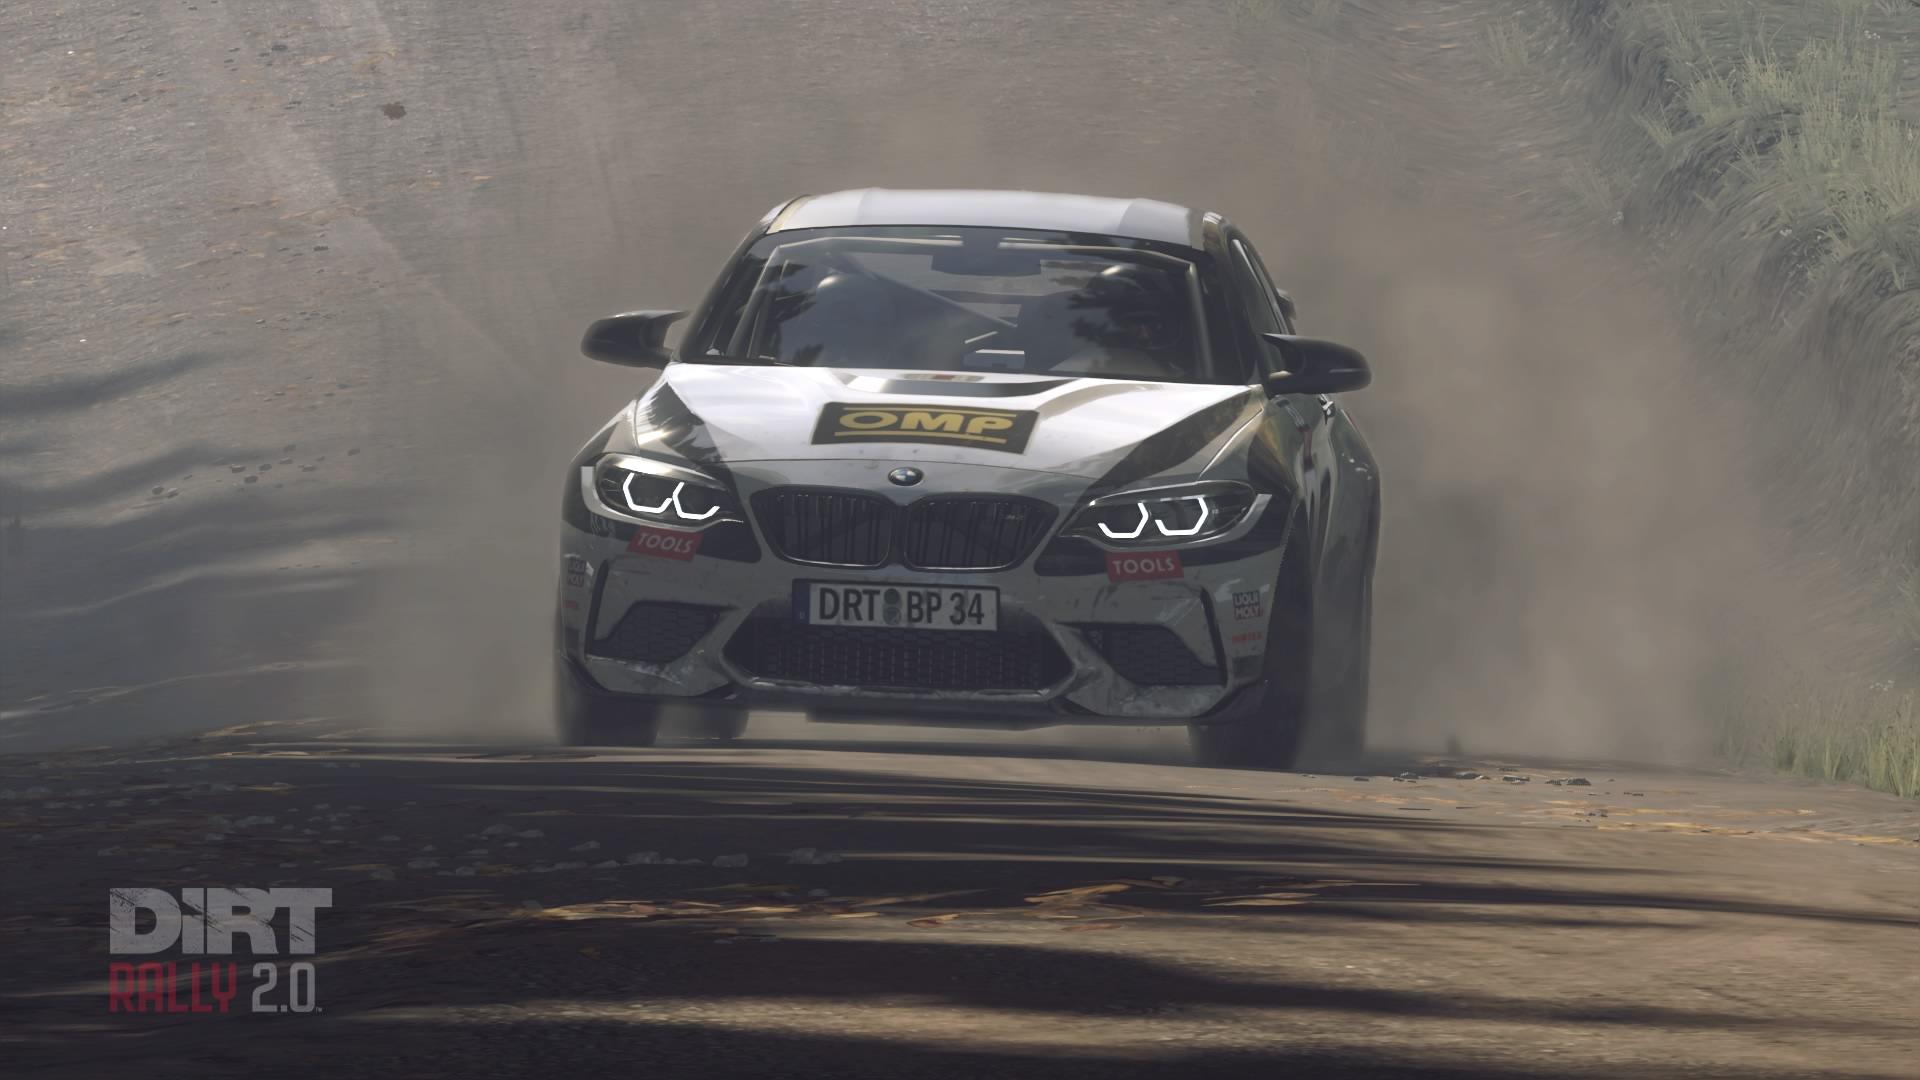 Di-RT-Rally-2-0-20191105025819.jpg